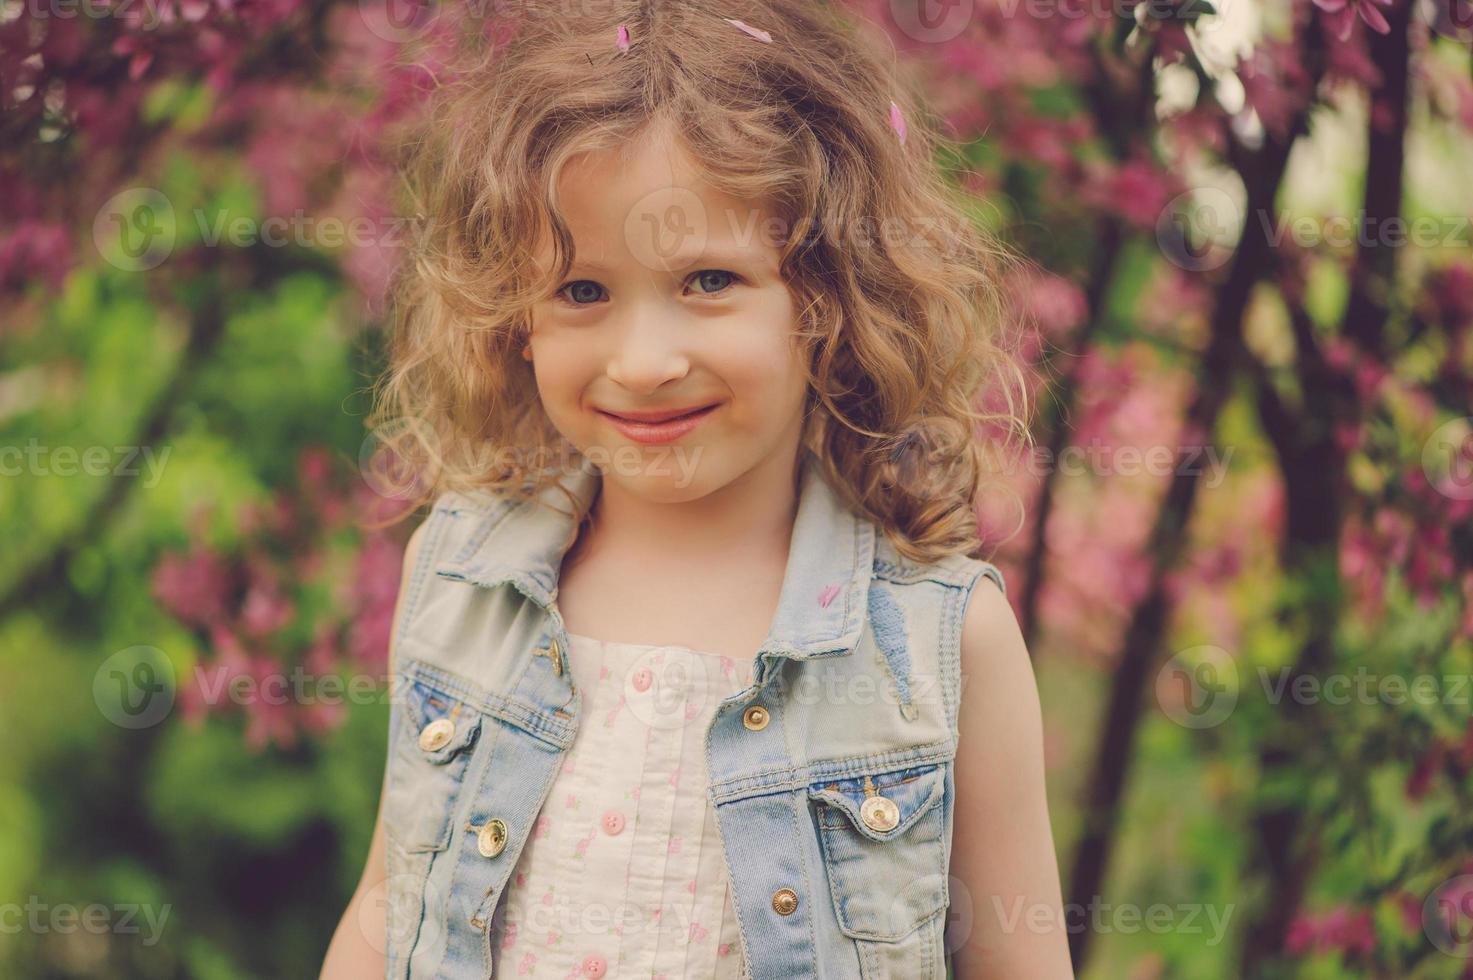 niedliches Kindermädchen, das Frühling im gemütlichen Landgarten genießt foto